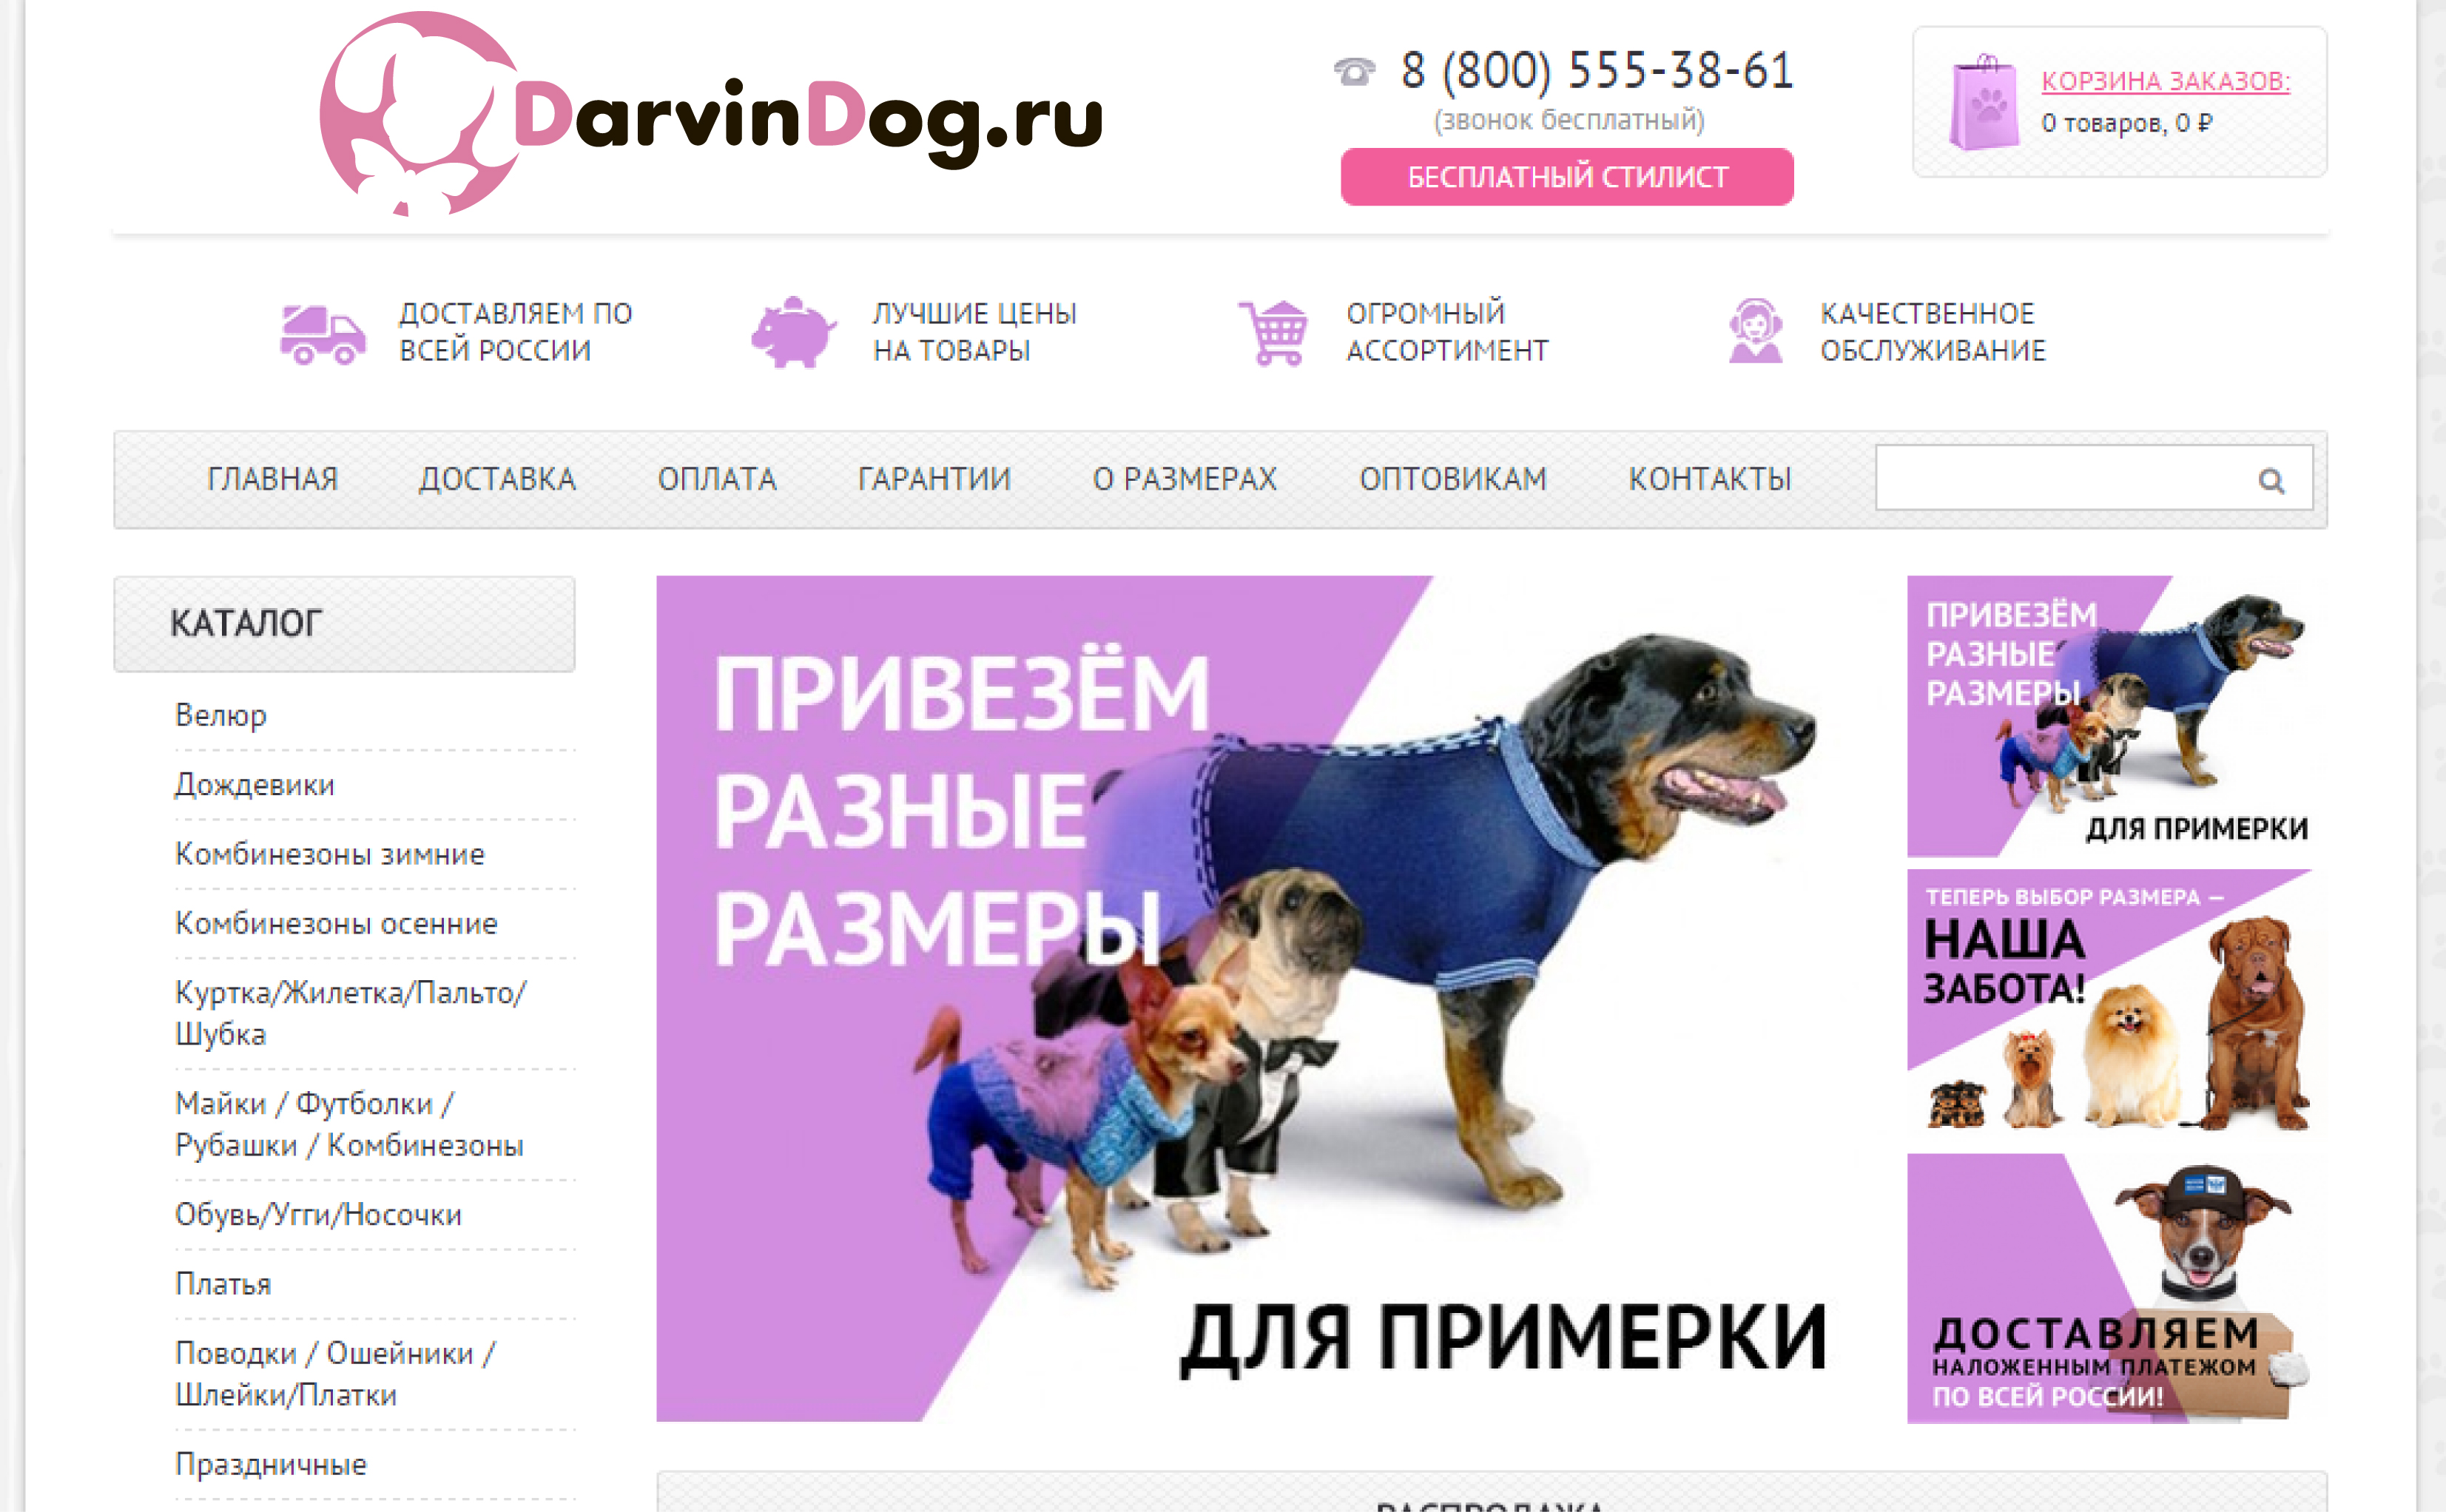 Создать логотип для интернет магазина одежды для собак фото f_438564c82b06c0bf.jpg